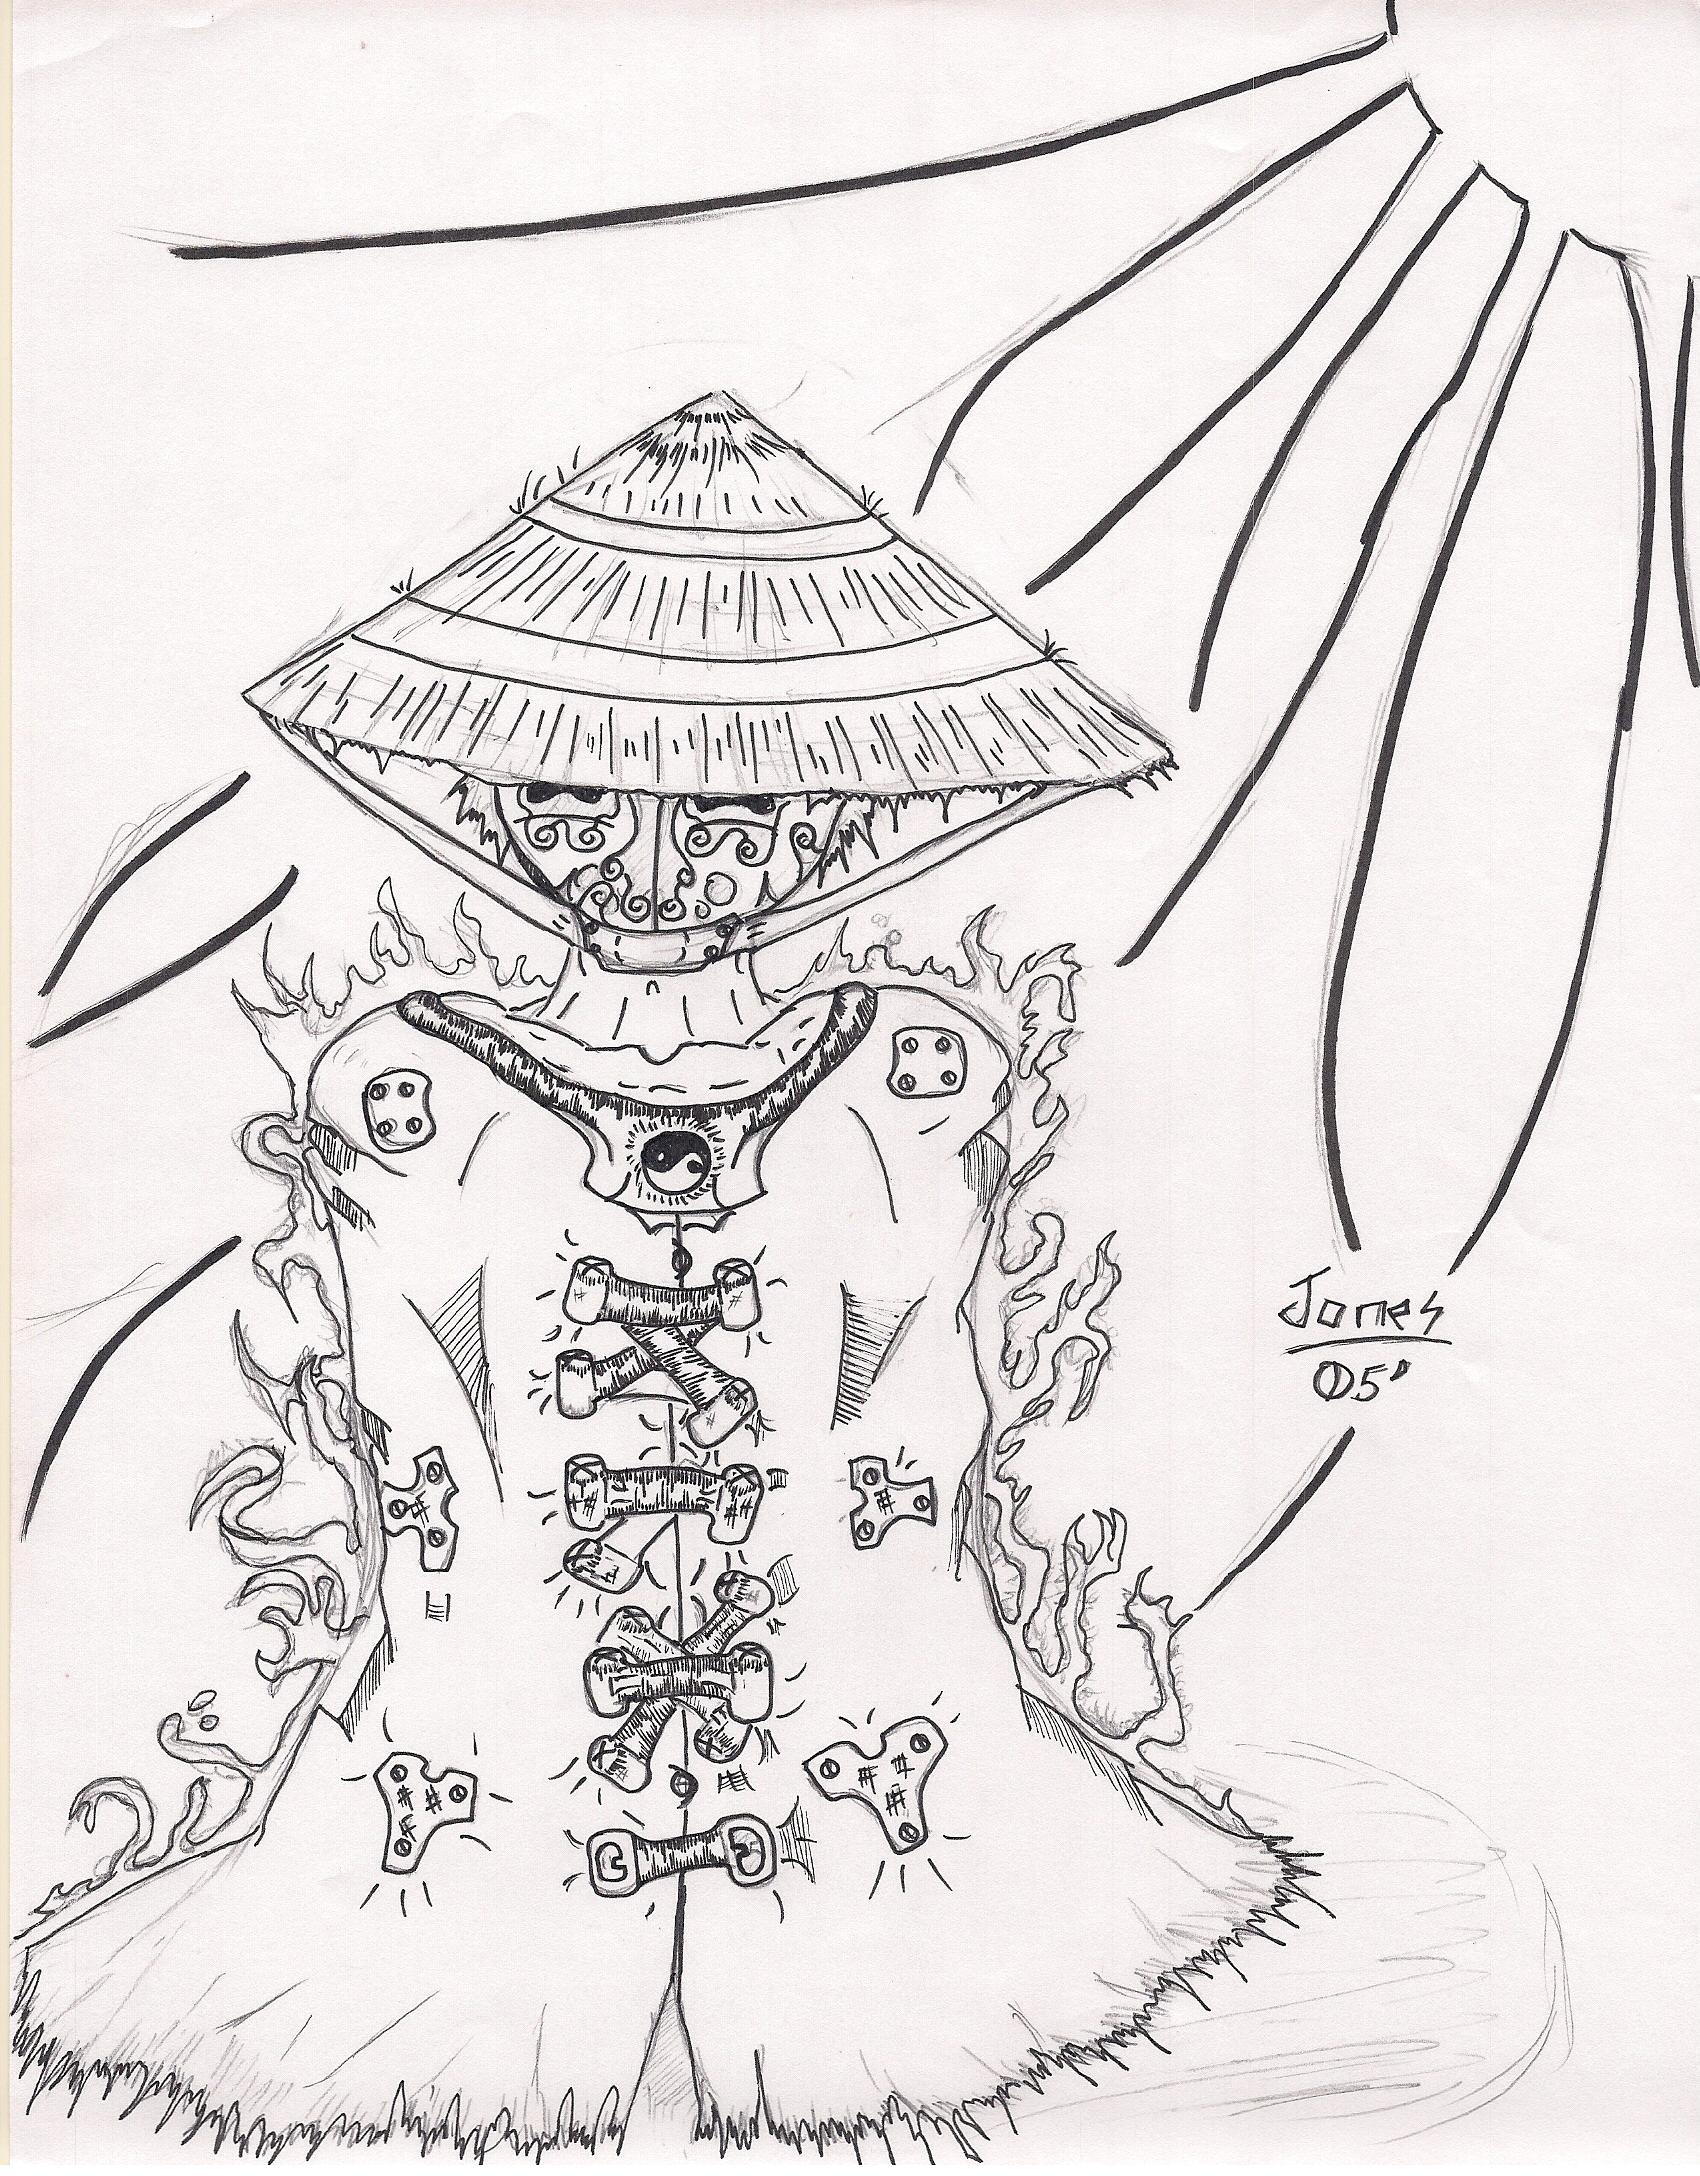 Banzai by Sturm75